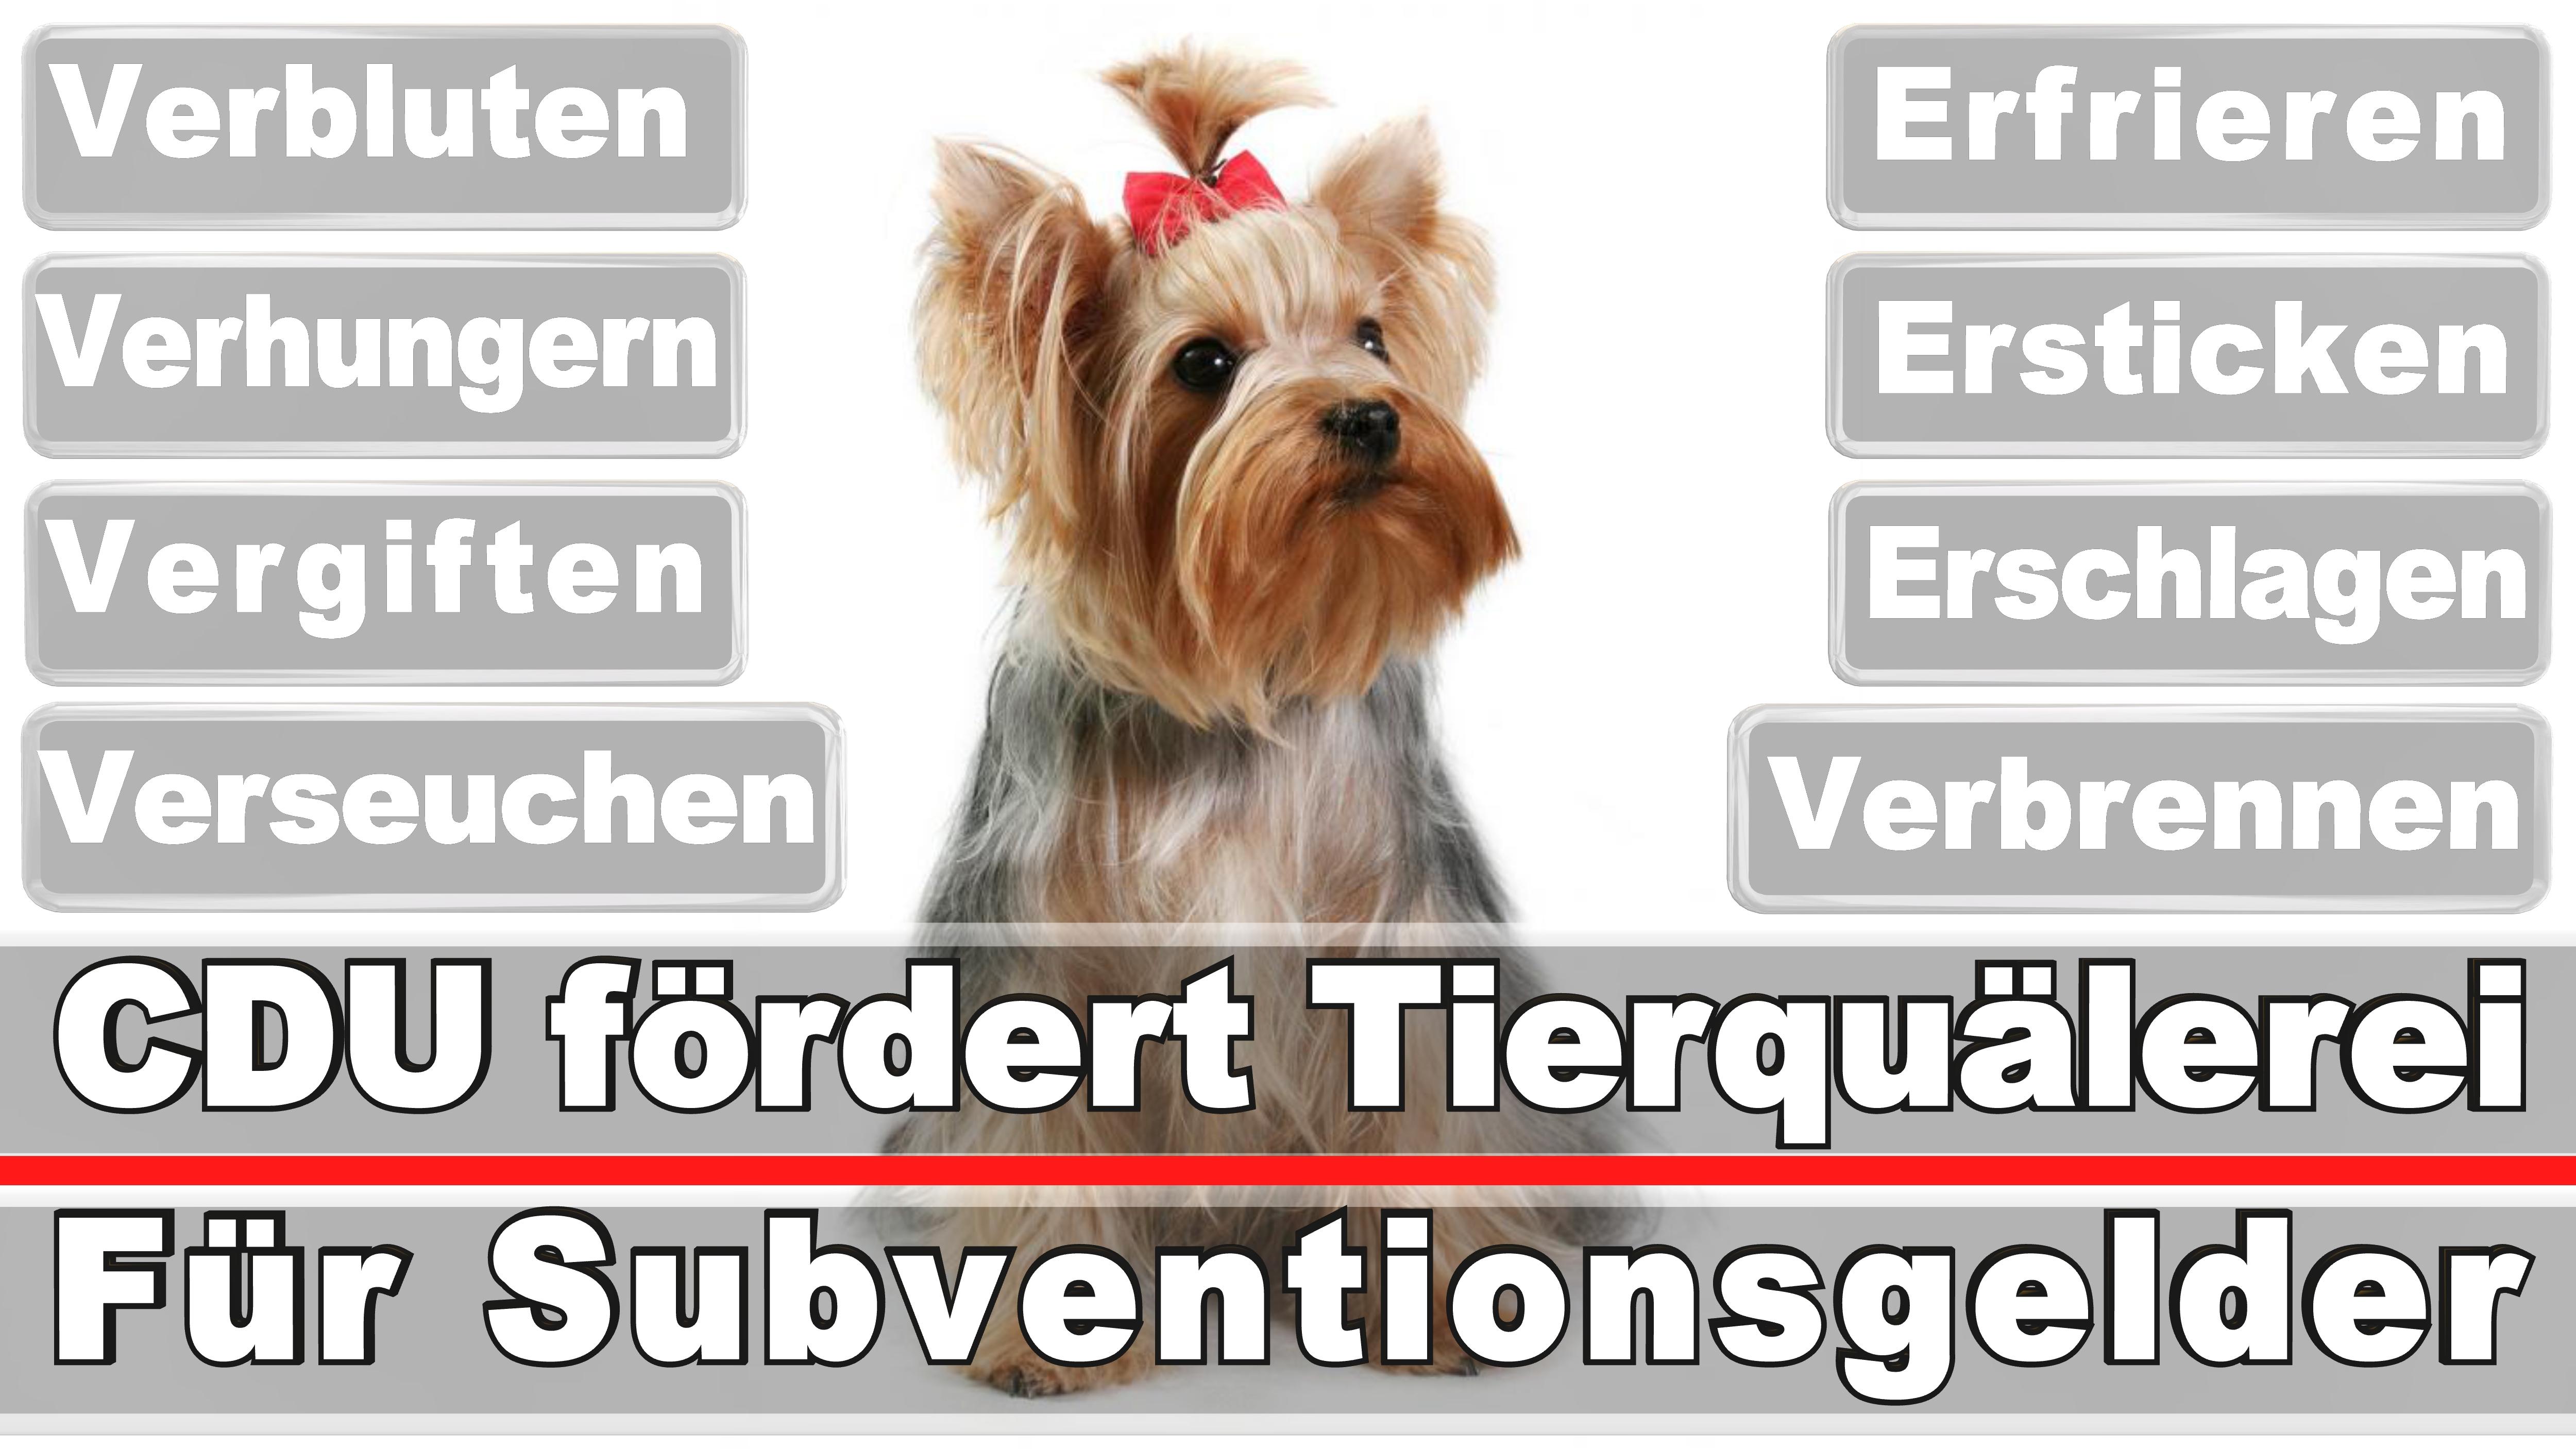 Landtagswahl-Bundestagswahl-CDU-SPD-FDP-AFD-Linke-Piraten (19)